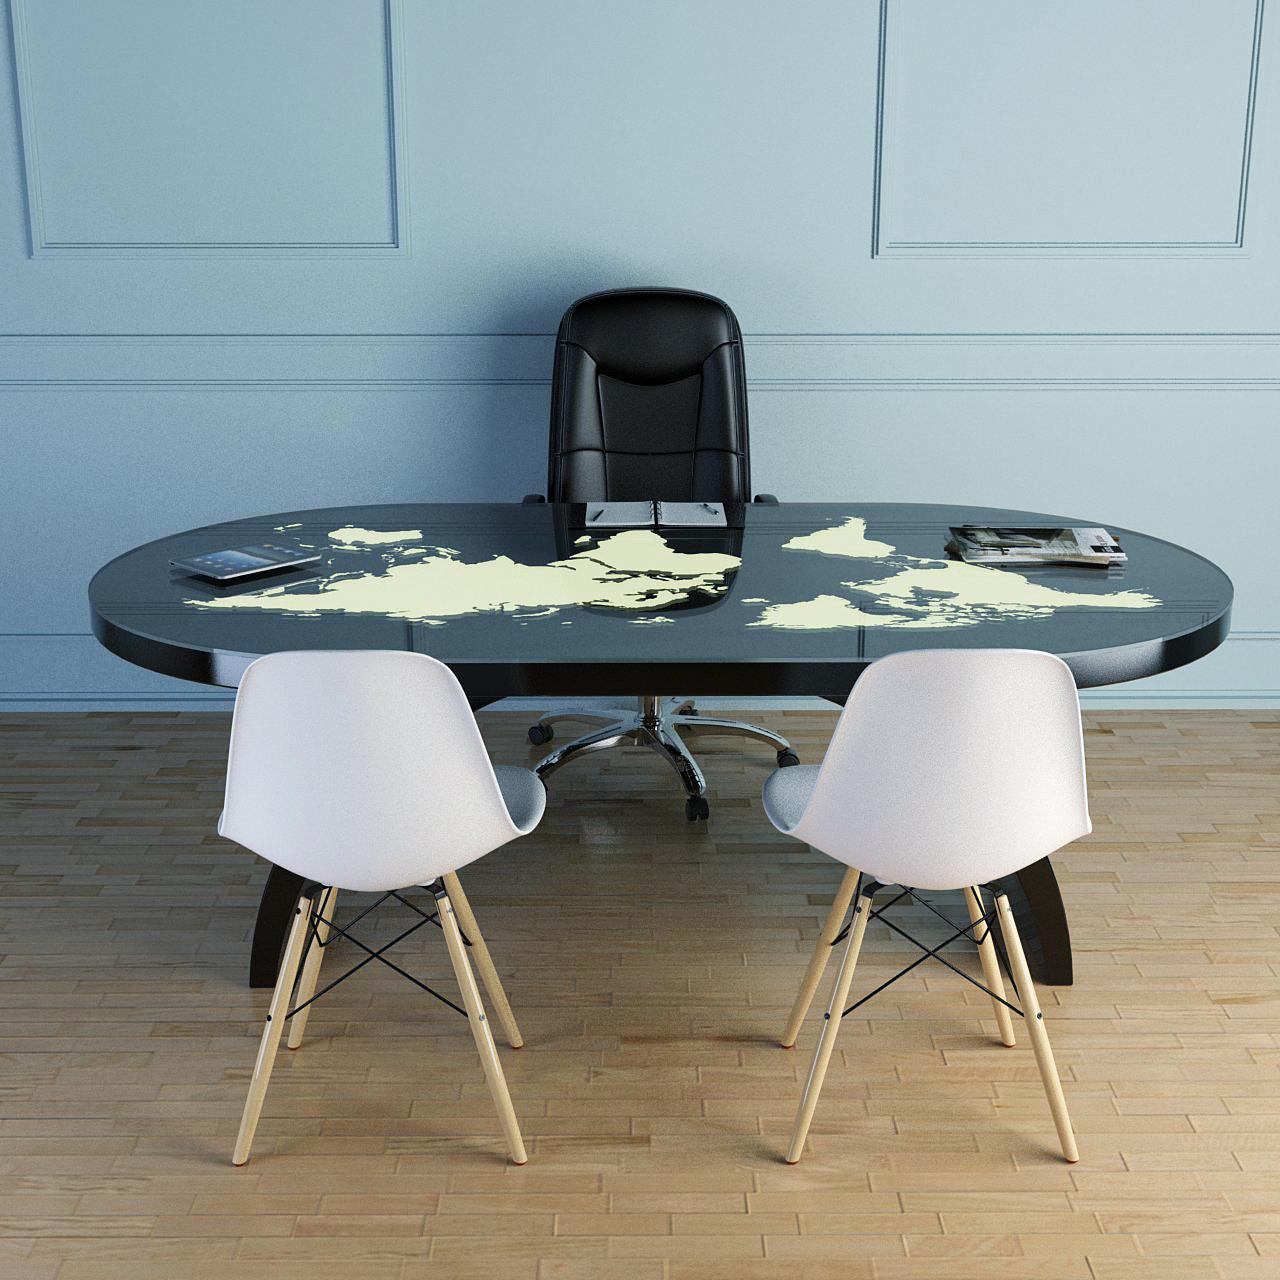 World table zad zone of absolute designtavoli design for Produttori tavoli